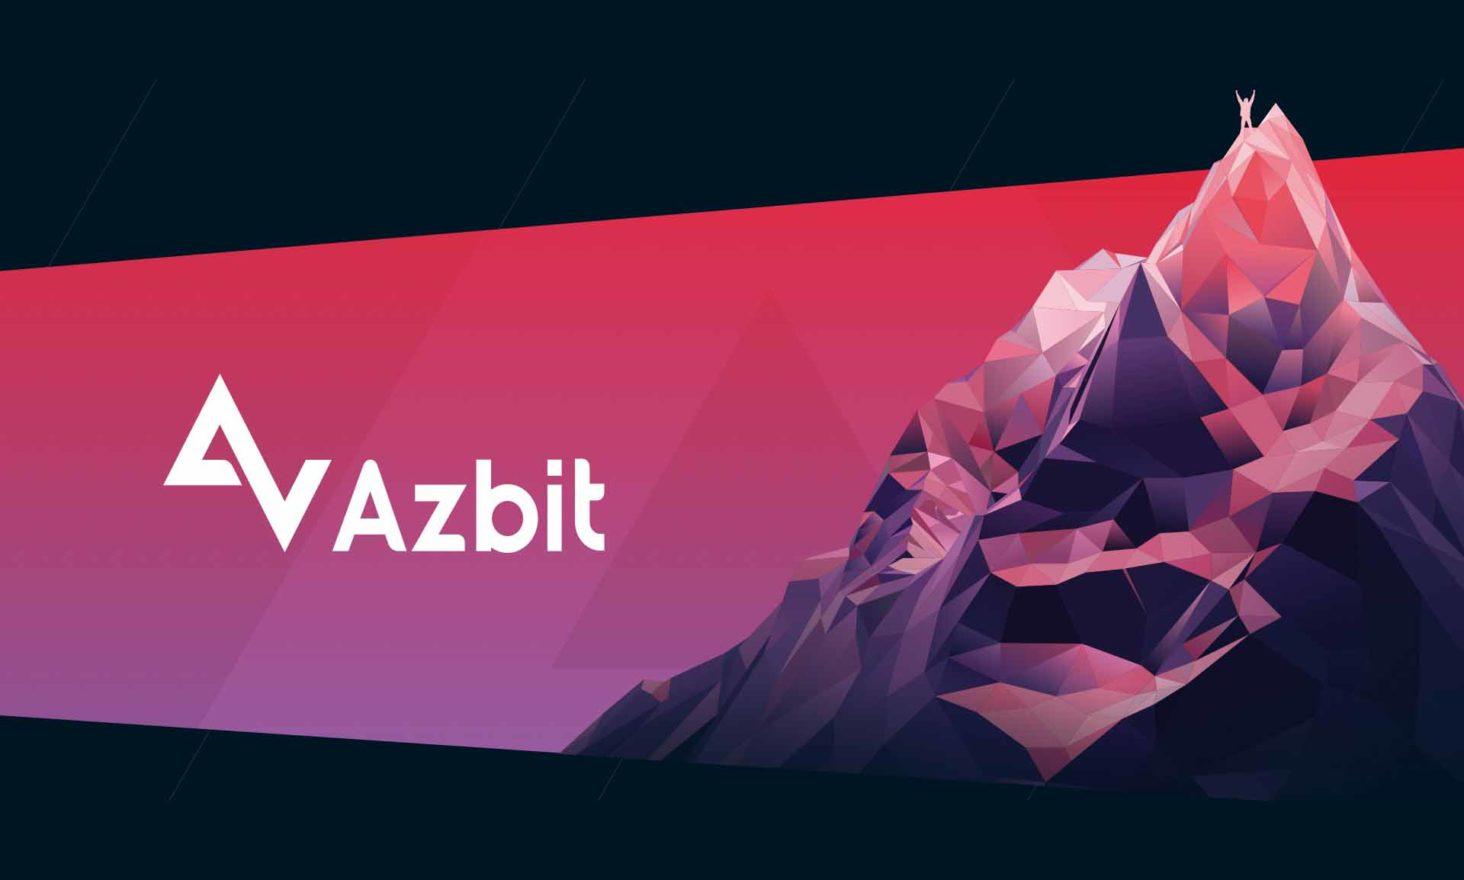 ICO Azbit Announces Public Sale of AZS Security Tokens